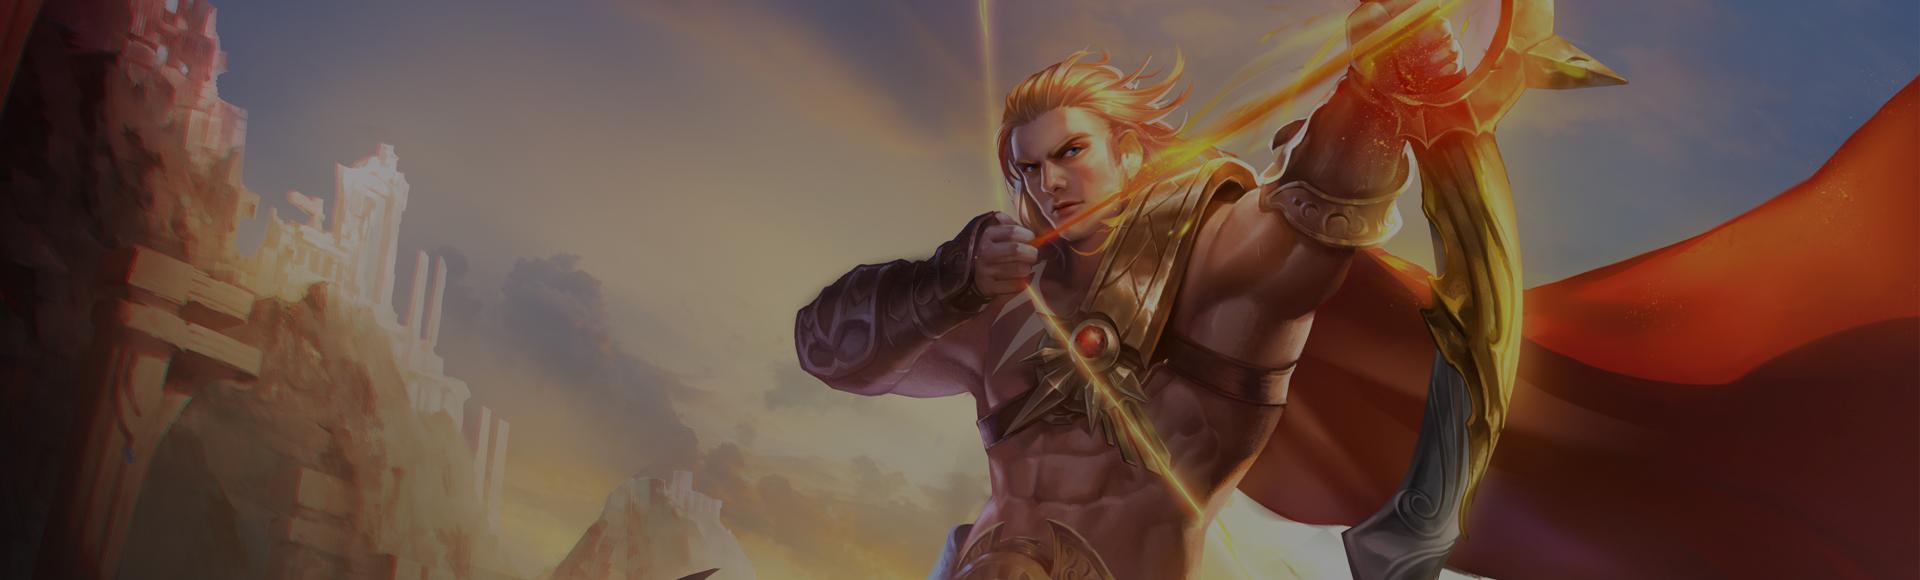 L'app de la semaine : je me suis laissé prendre au jeu d'un clone chinois de League of Legends